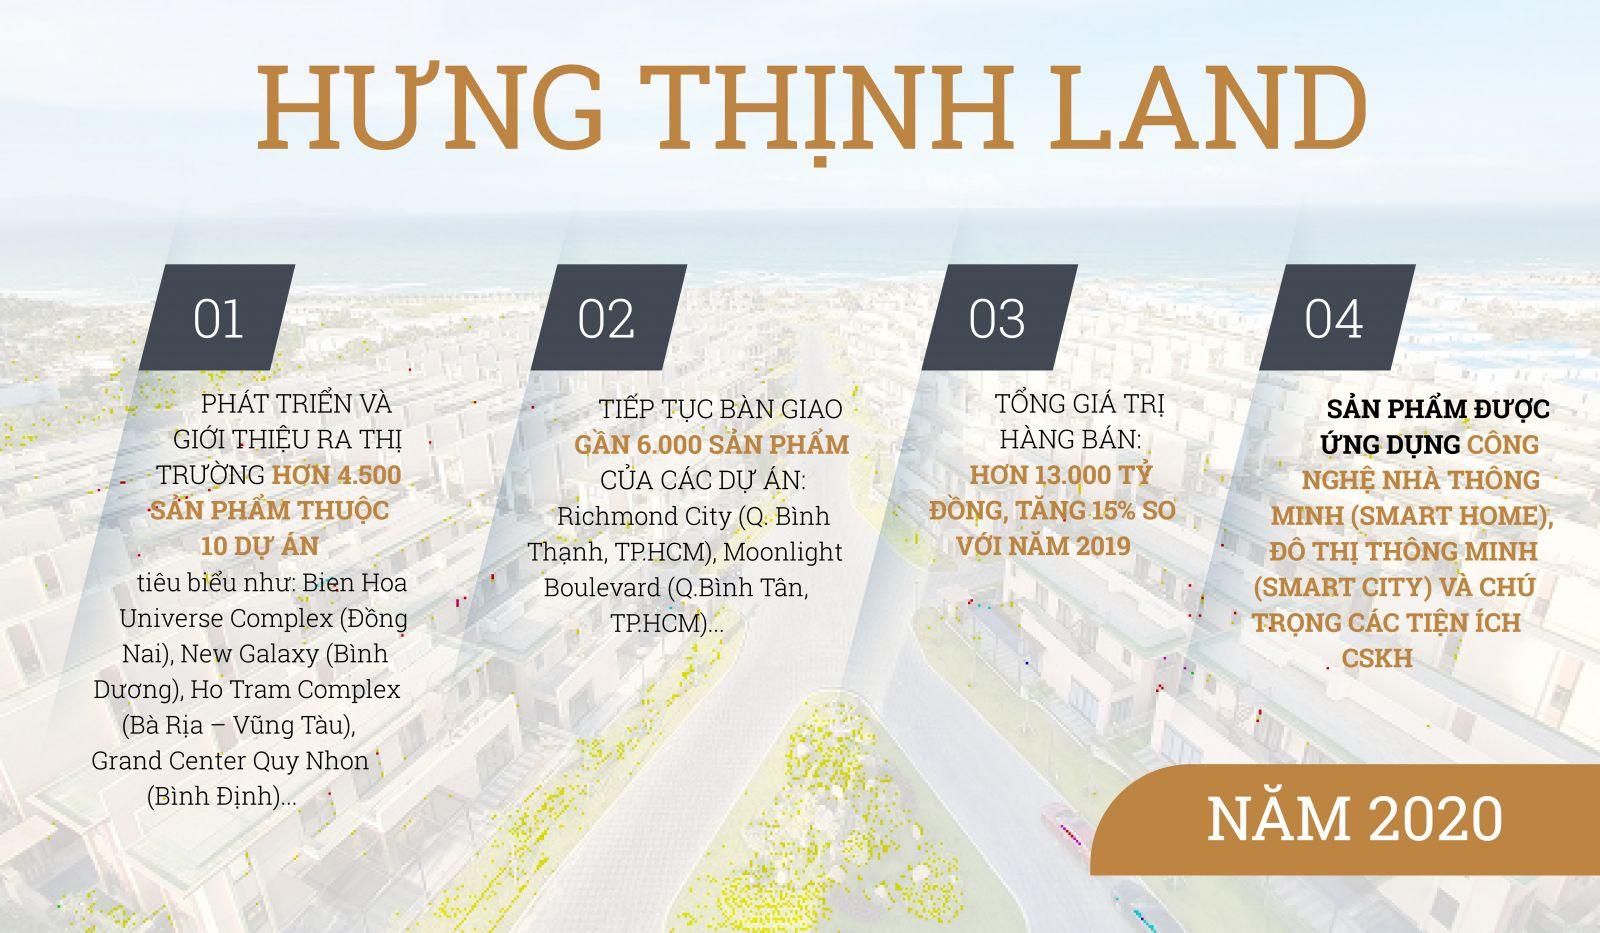 Kết quả kinh doanh năm 2020 Hưng Thịnh Land